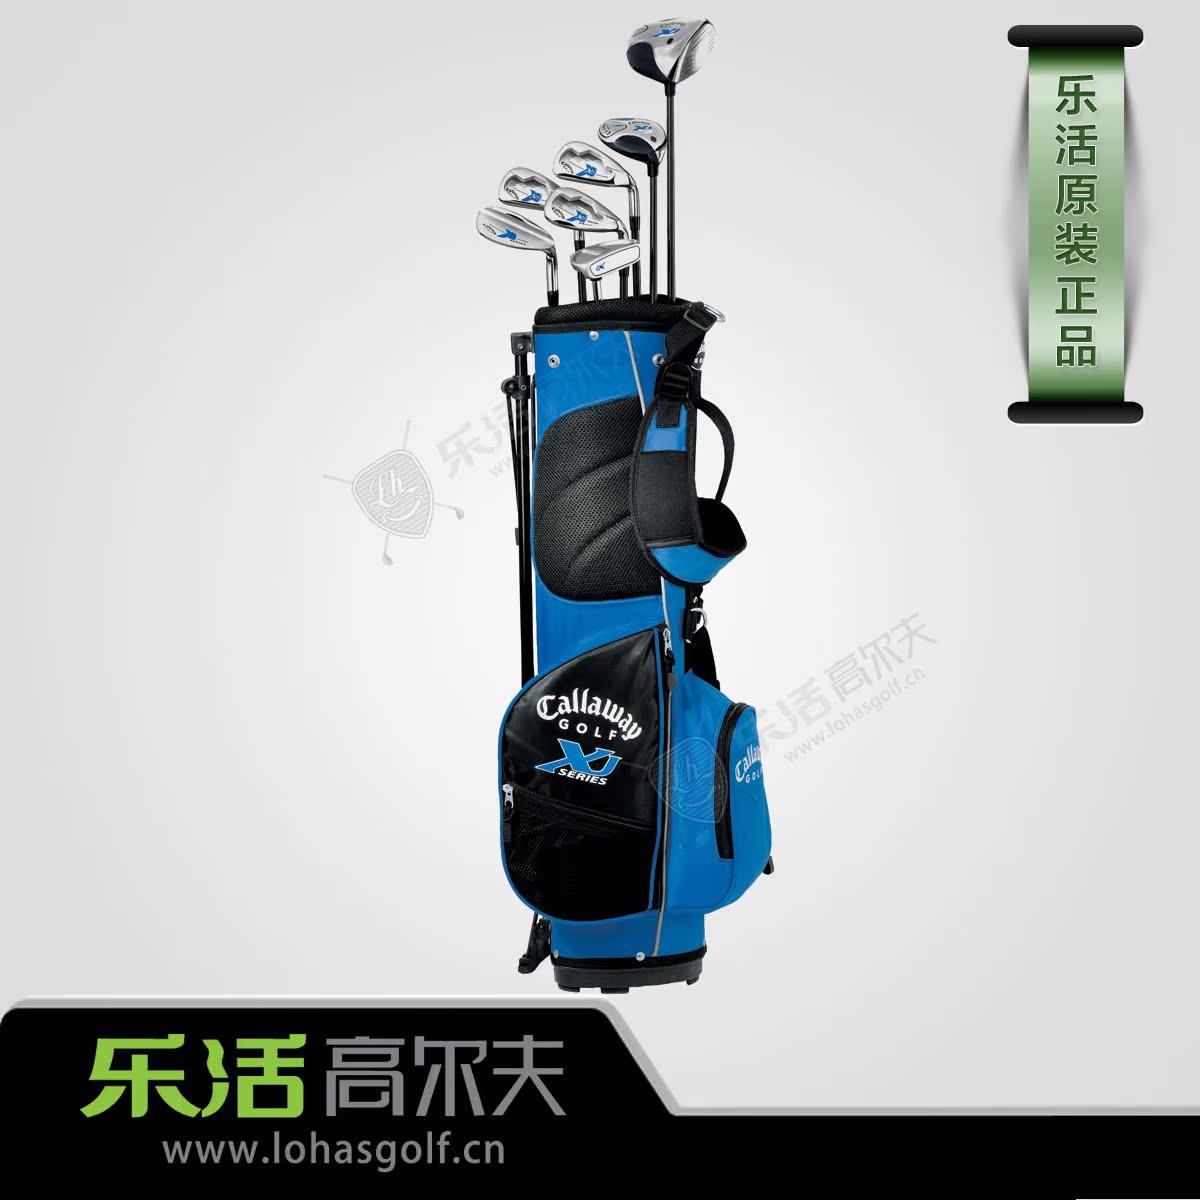 клюшка для гольфа Golfpride 20140945 Golf Pride